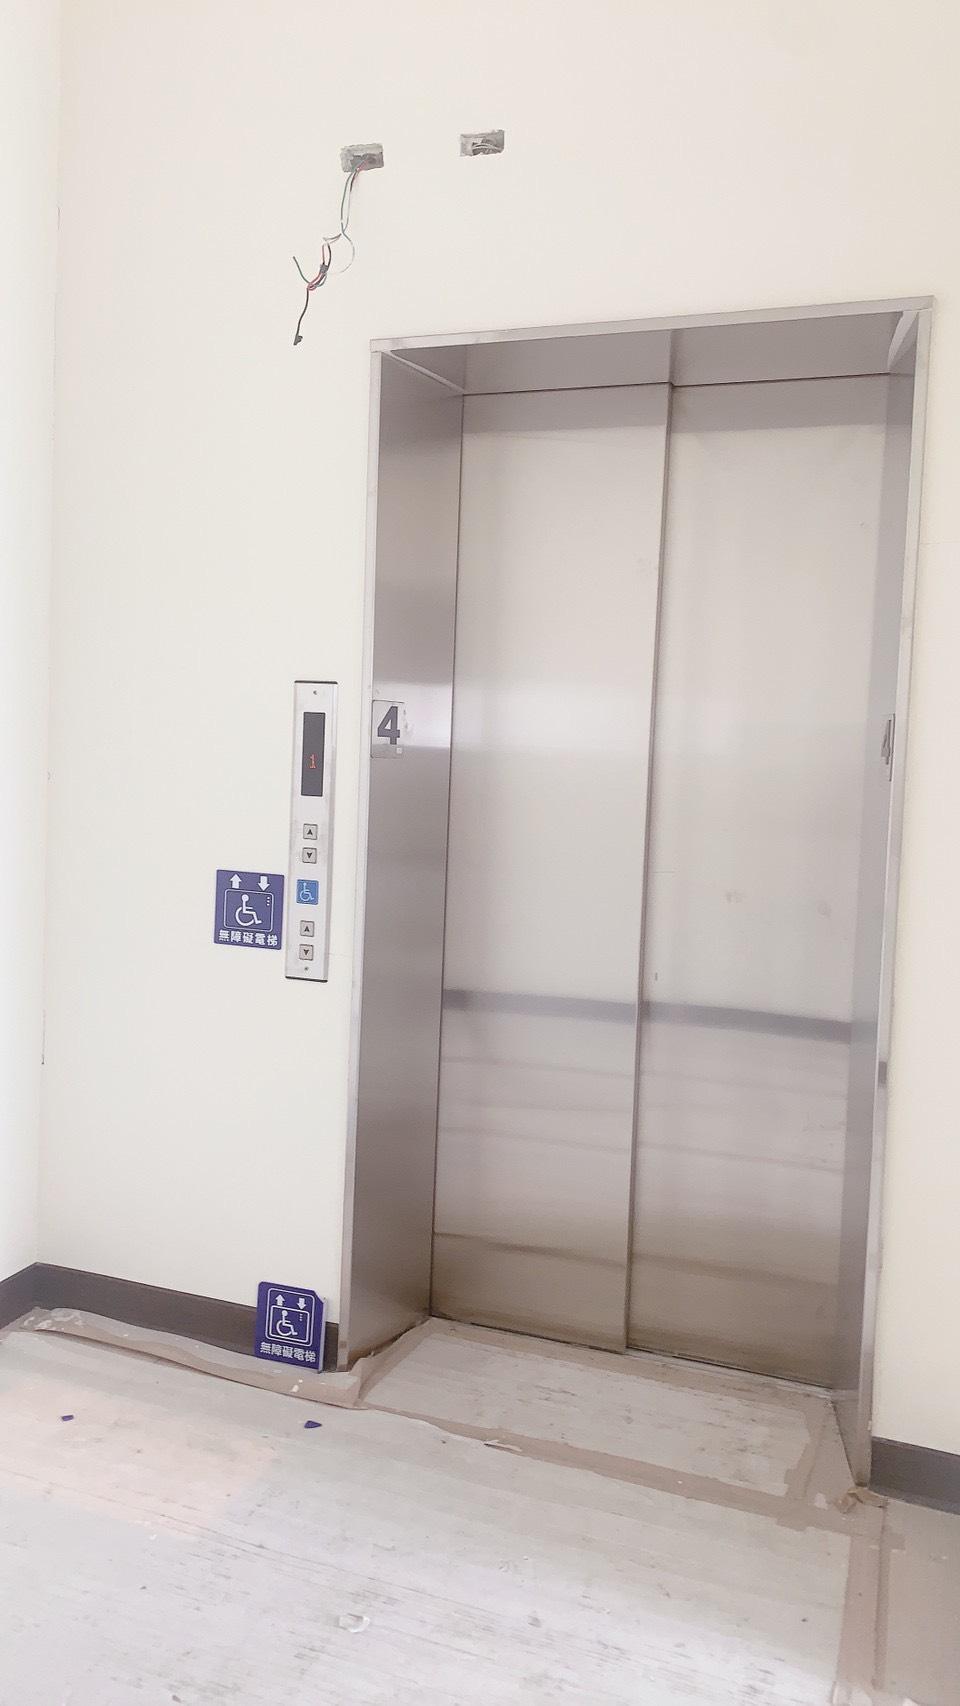 觀音區桃科大地坪全新RC廠房